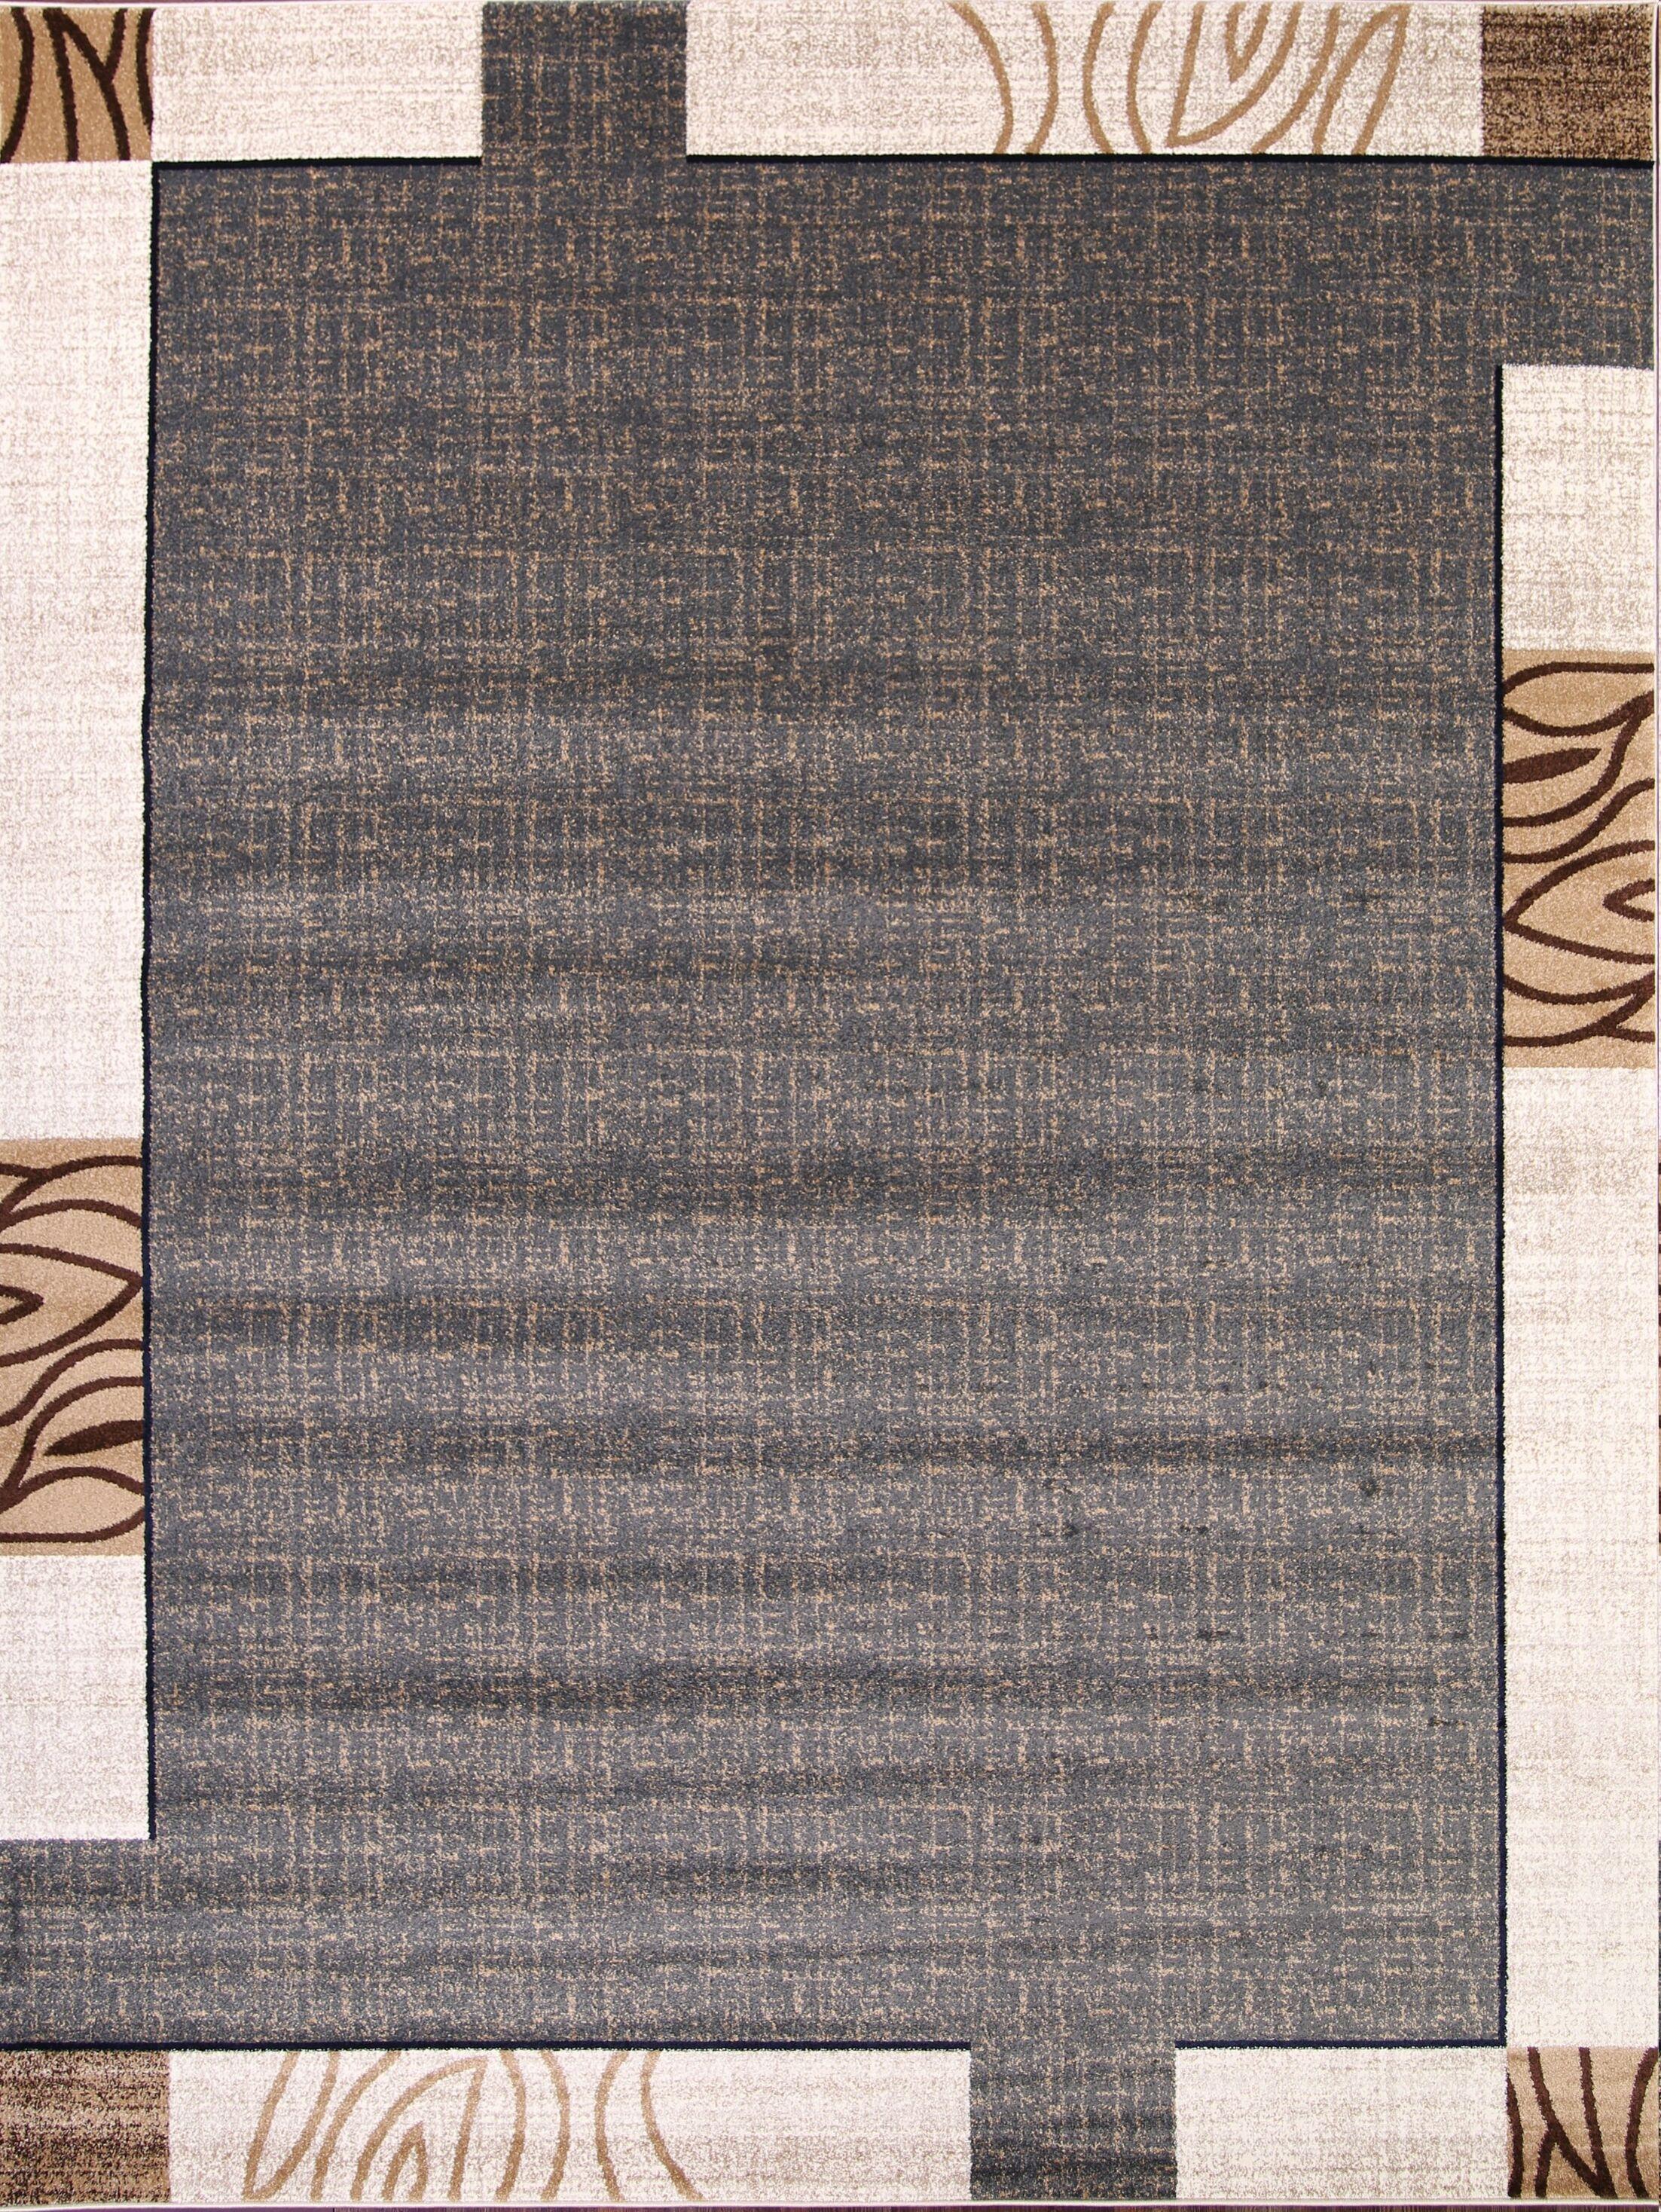 Pollitt Beige/Charcoal Area Rug Rug Size: Rectangle 4